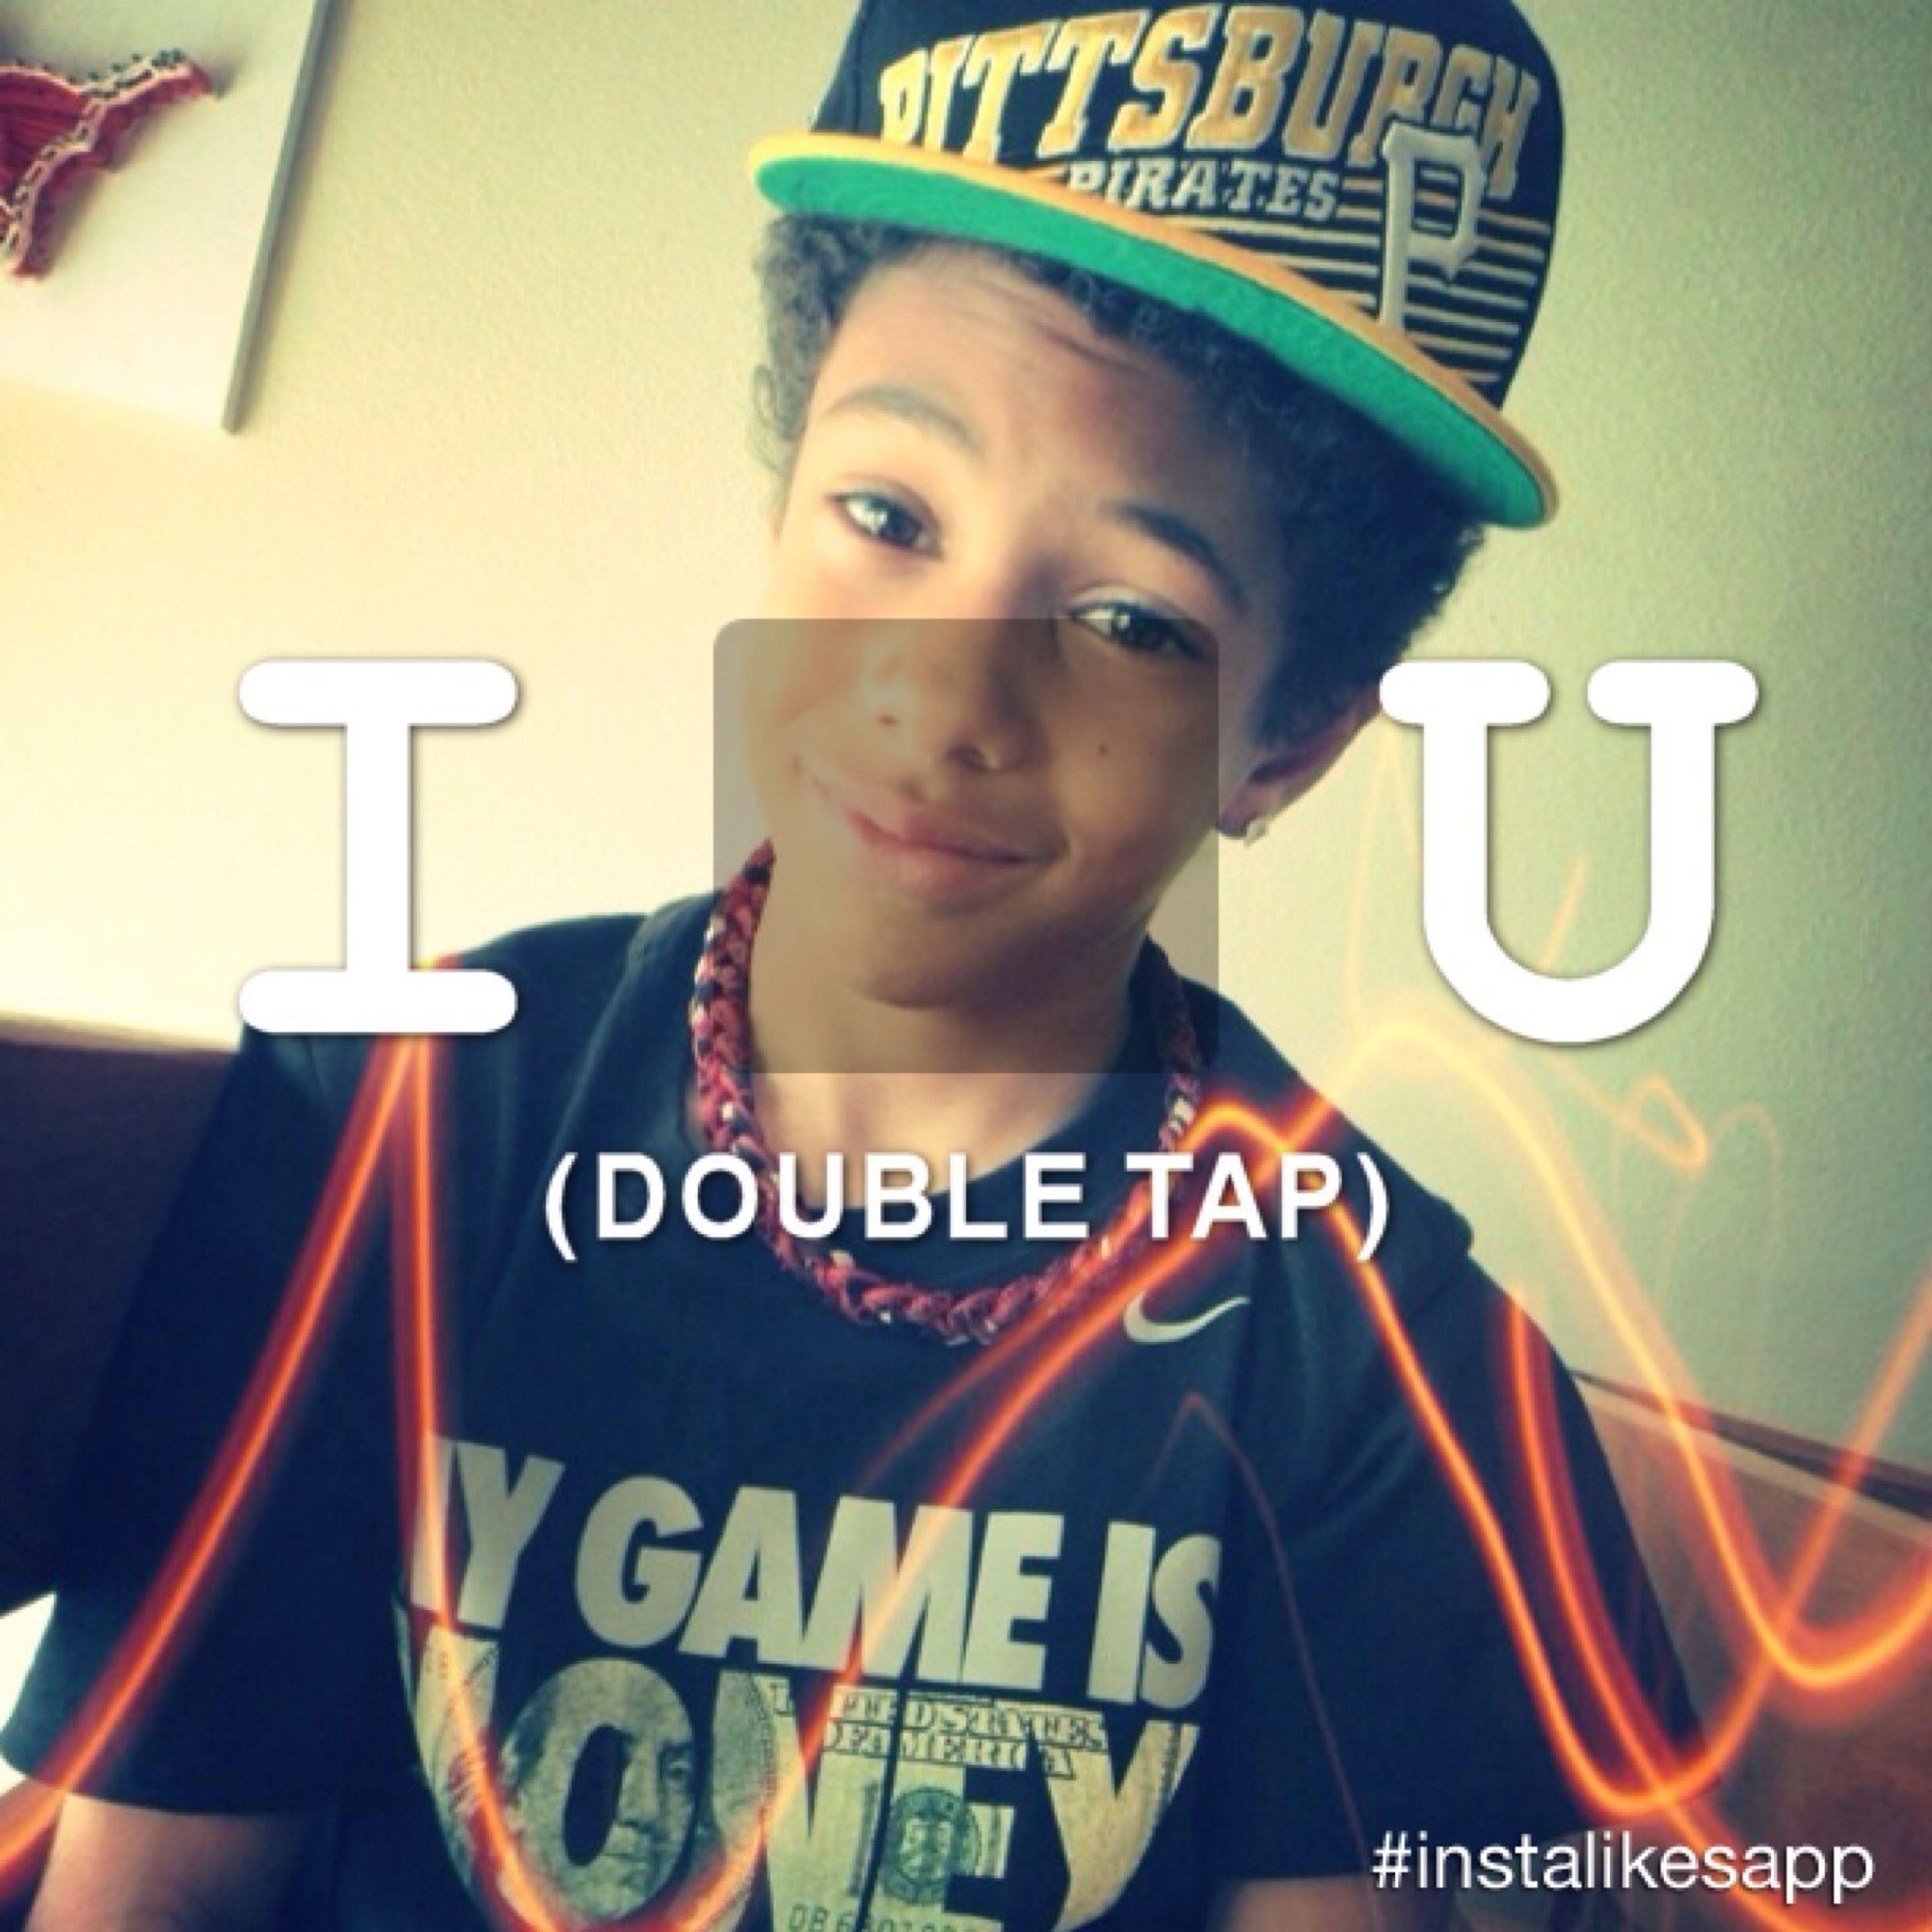 Doublee Tapp ?